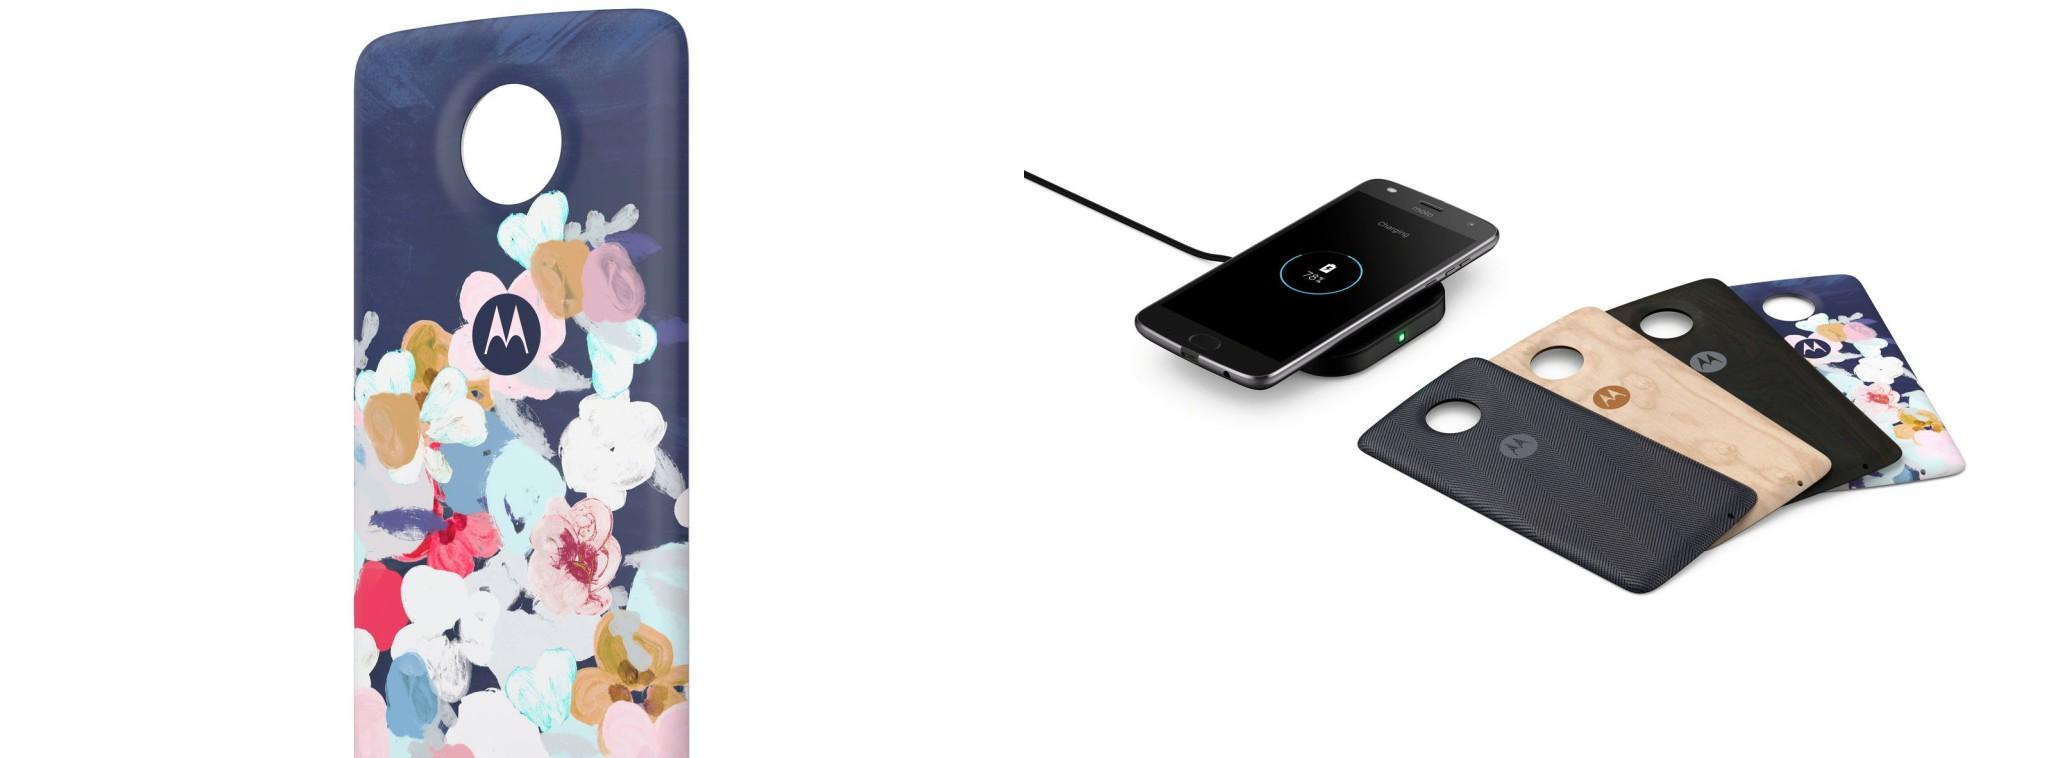 tinhte-Moto Z2 Play-2.jpg